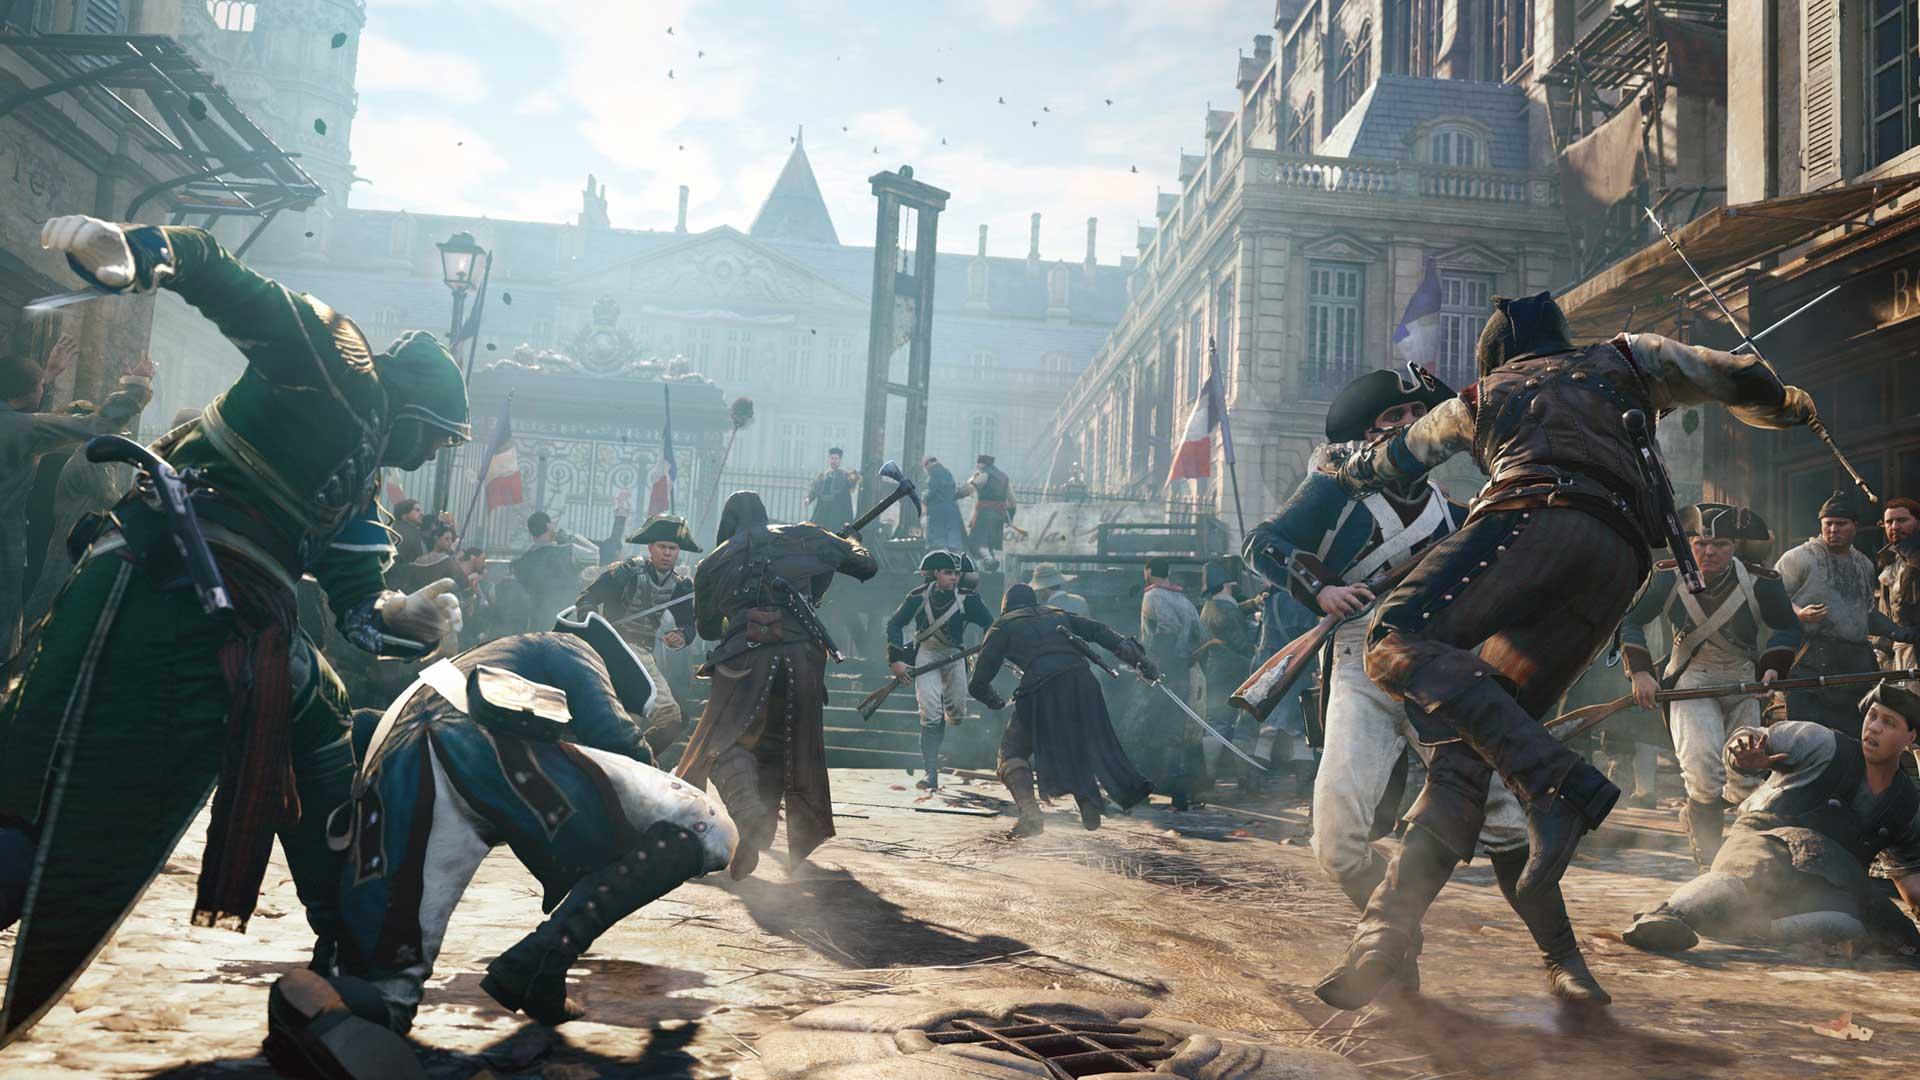 Картинки по запросу француска револуција